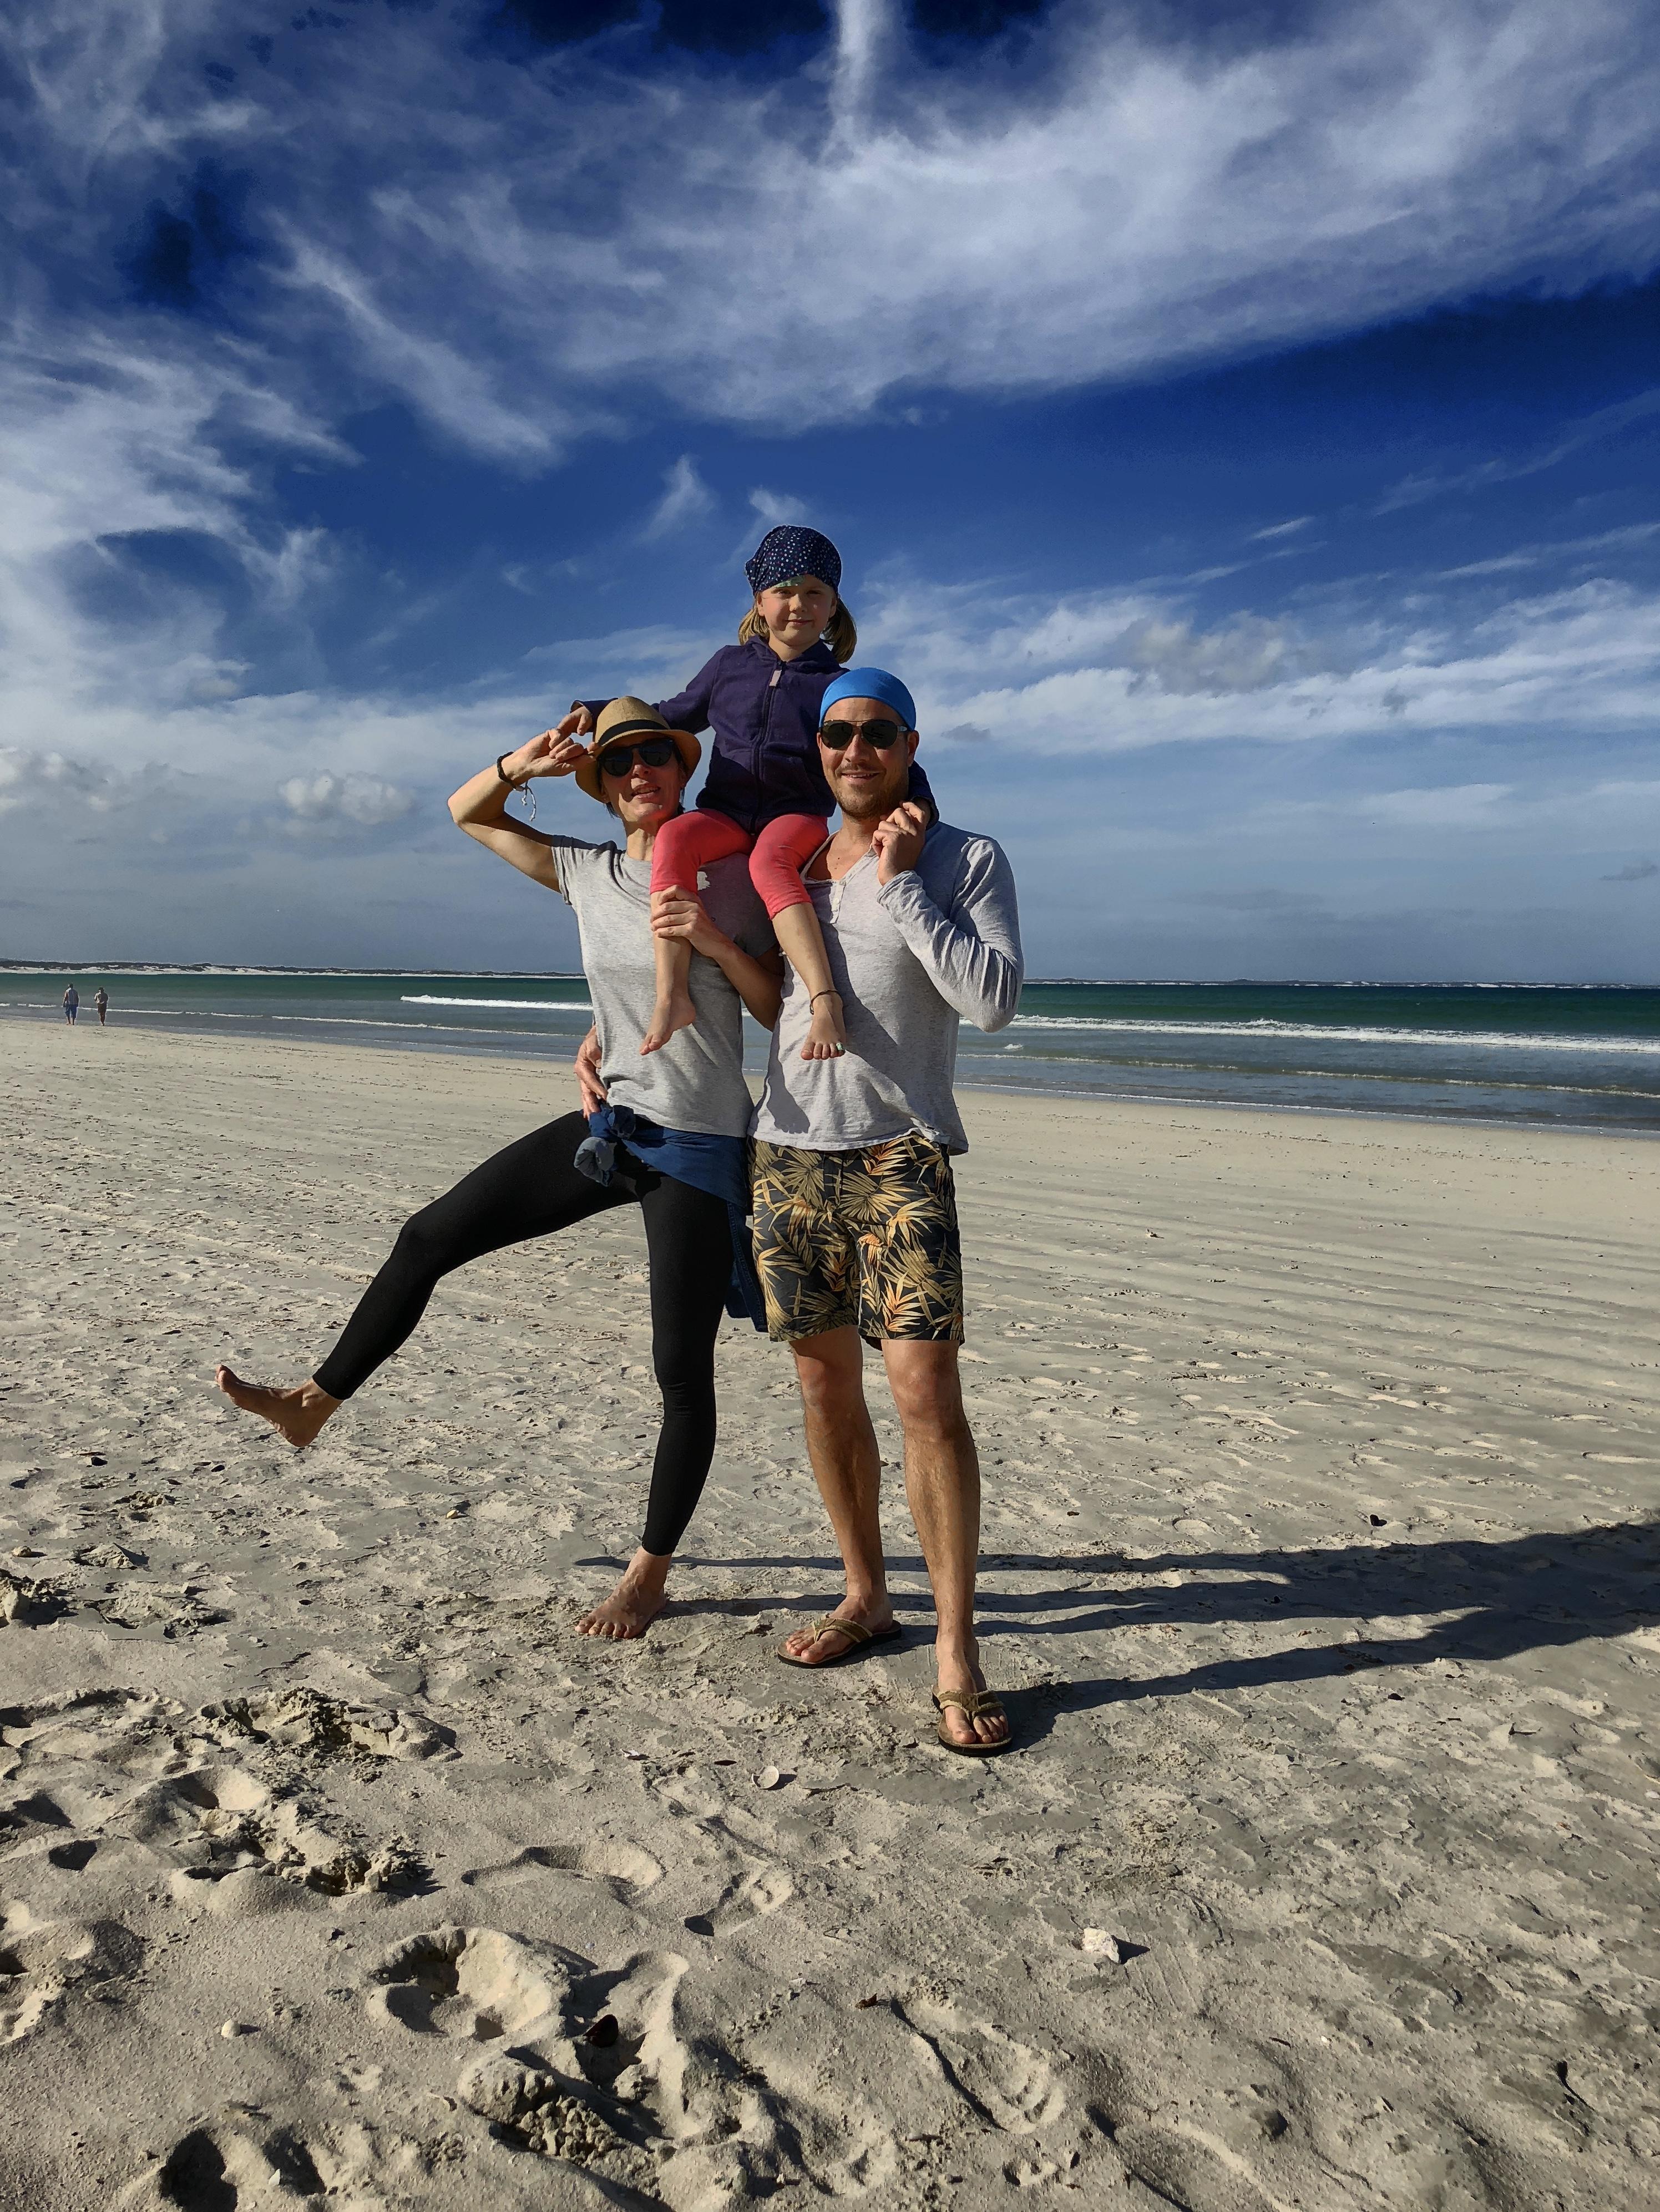 Pärchen mit Kind auf dem Arm am Strand von Struisbay, Südafrika